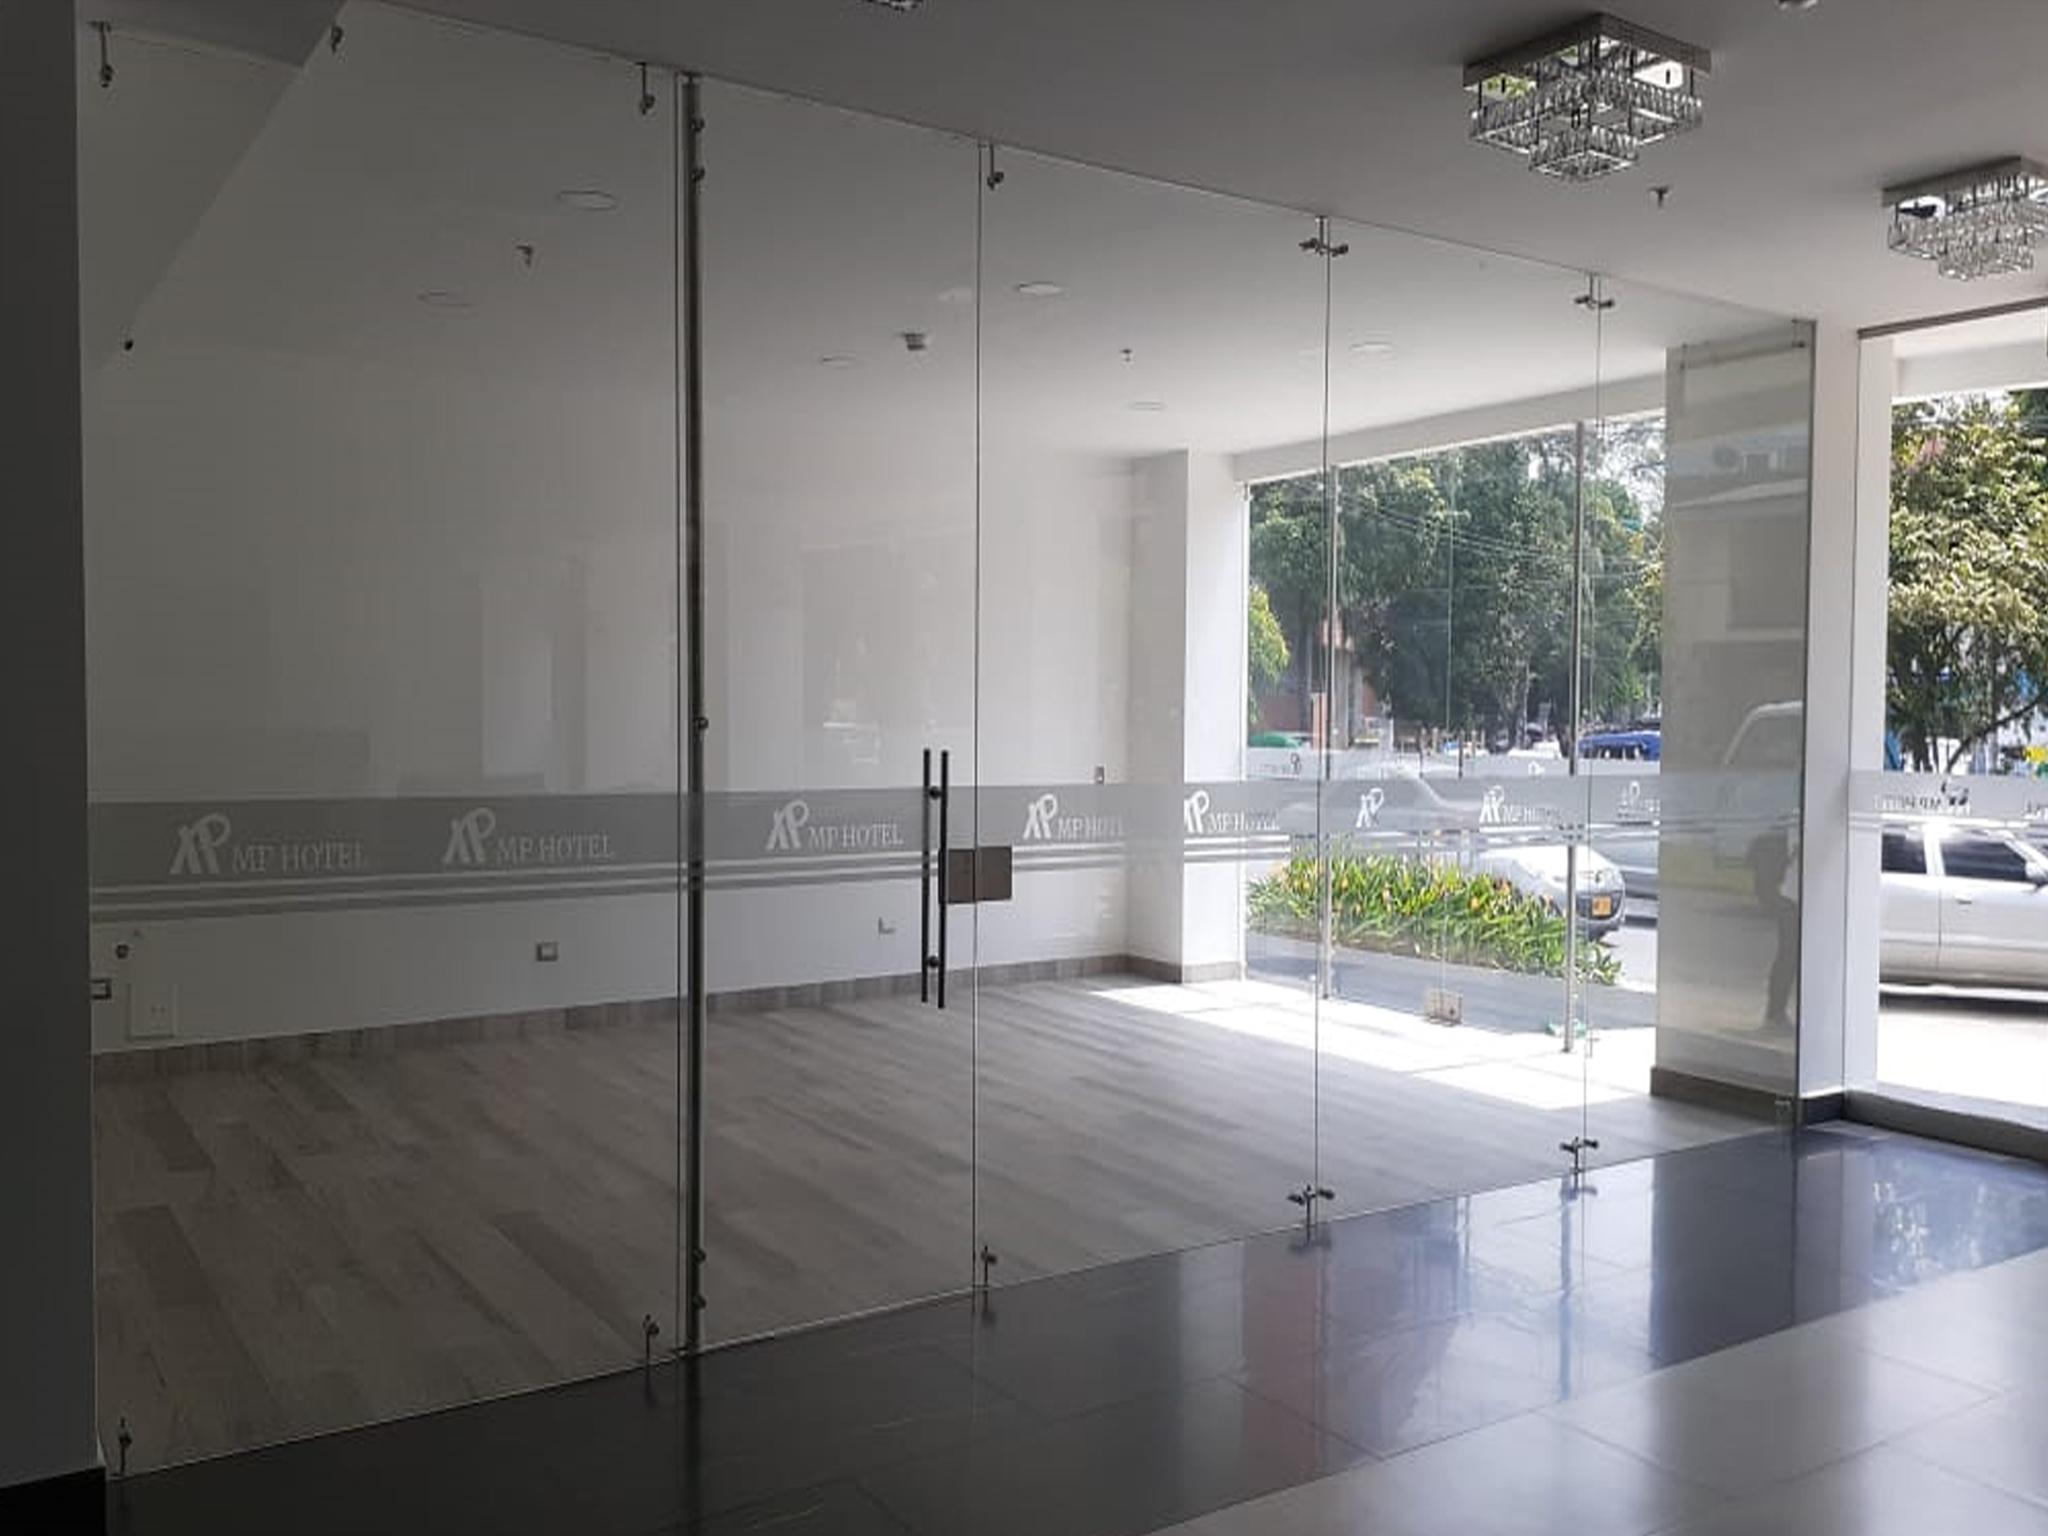 salon comercial 2